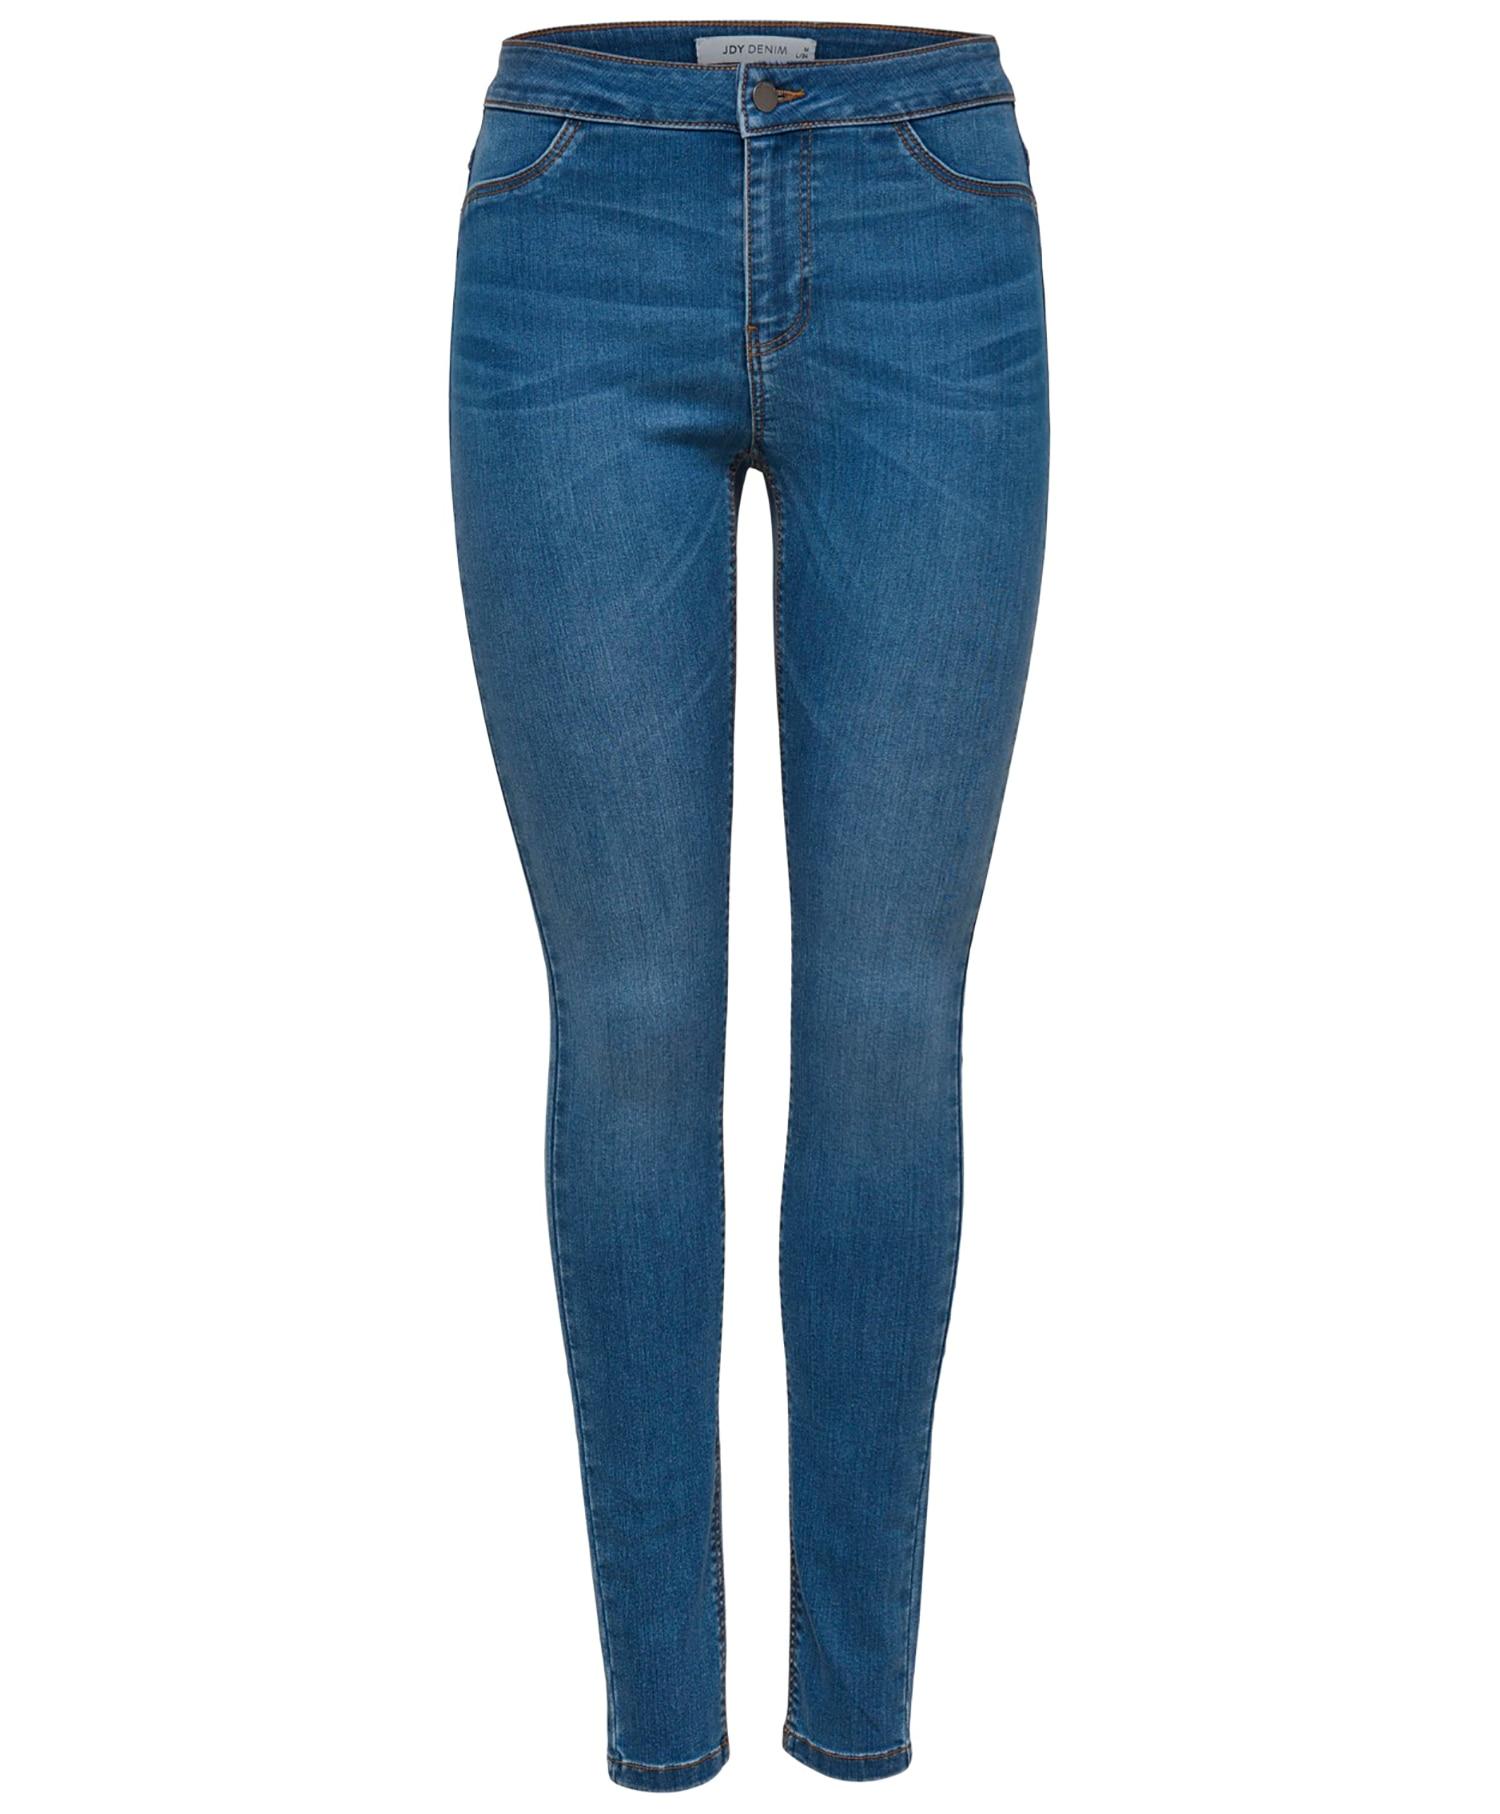 JDY Nikki Jeans